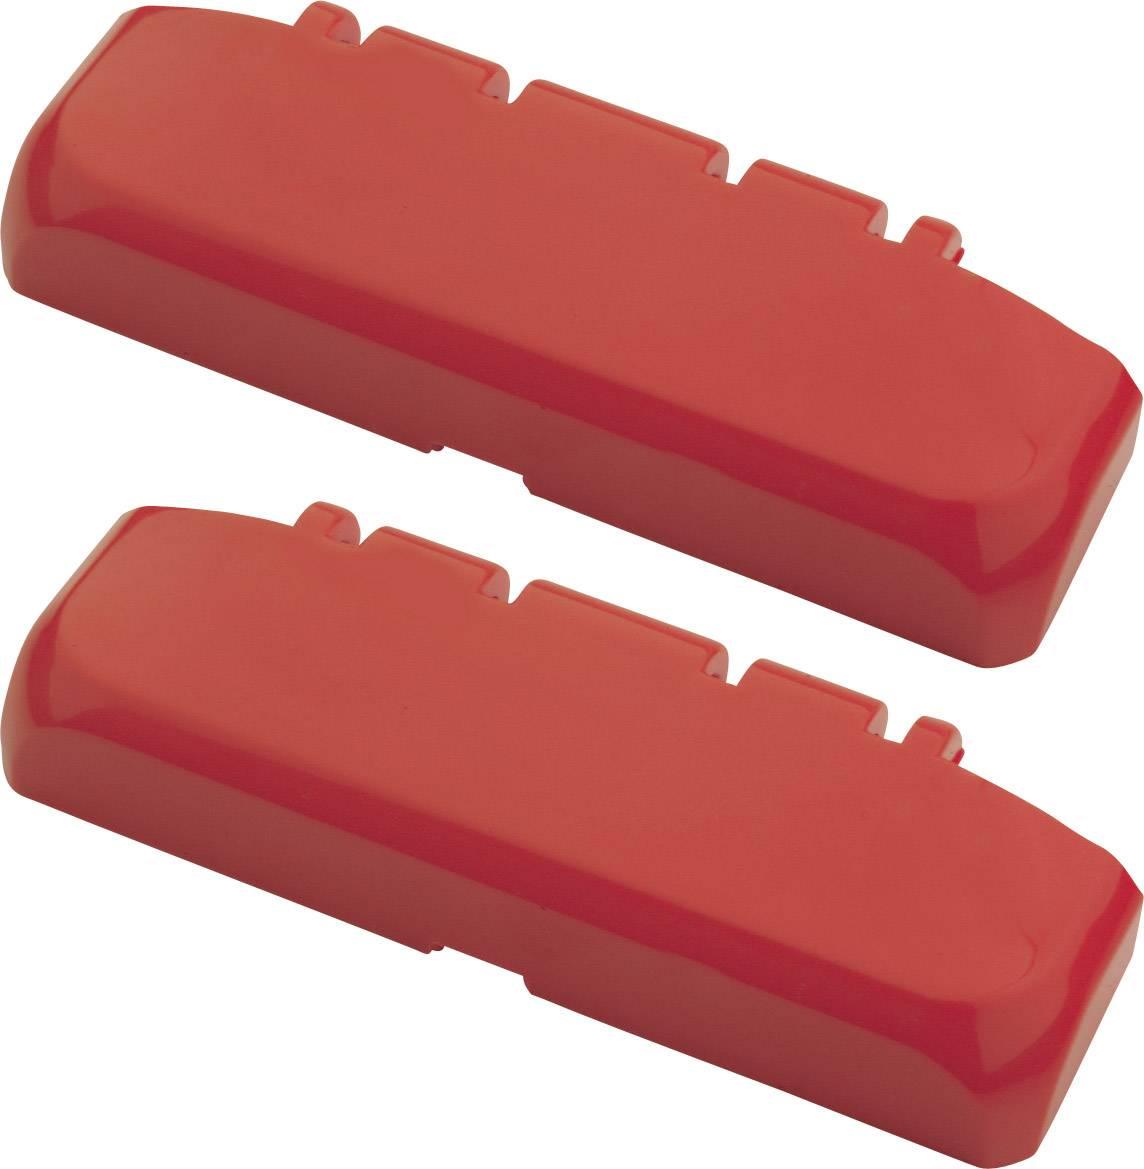 Bopla Bocube 96310100, polykarbonát, ohnivo červená, 2 ks